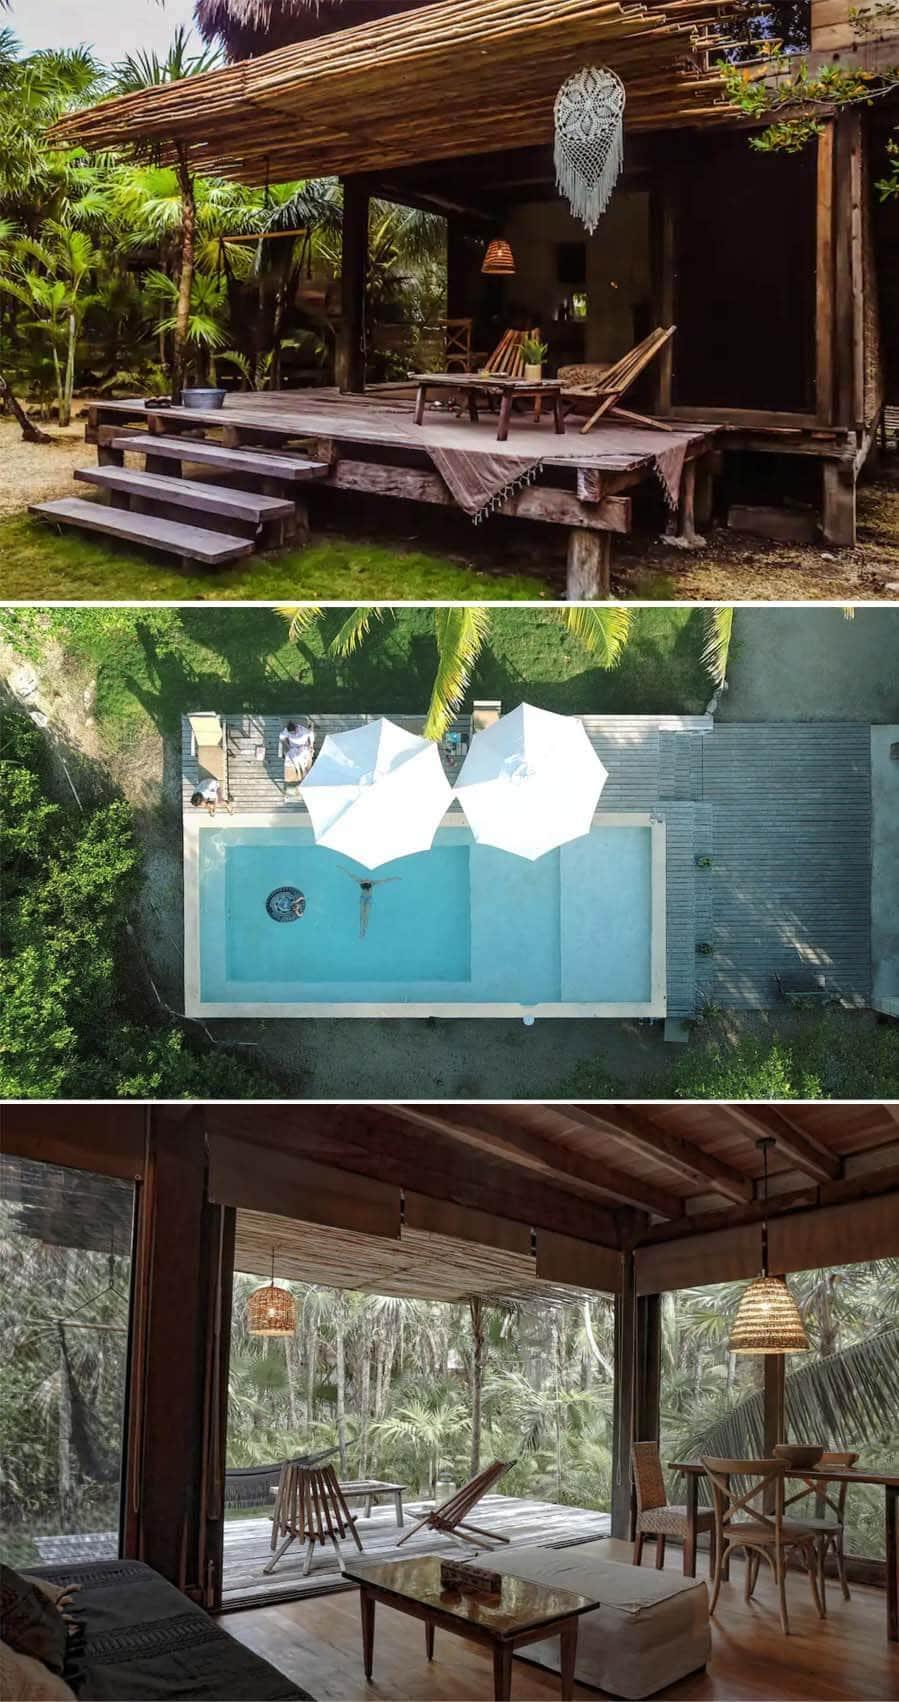 Vida Silvestre Airbnb in Tulum